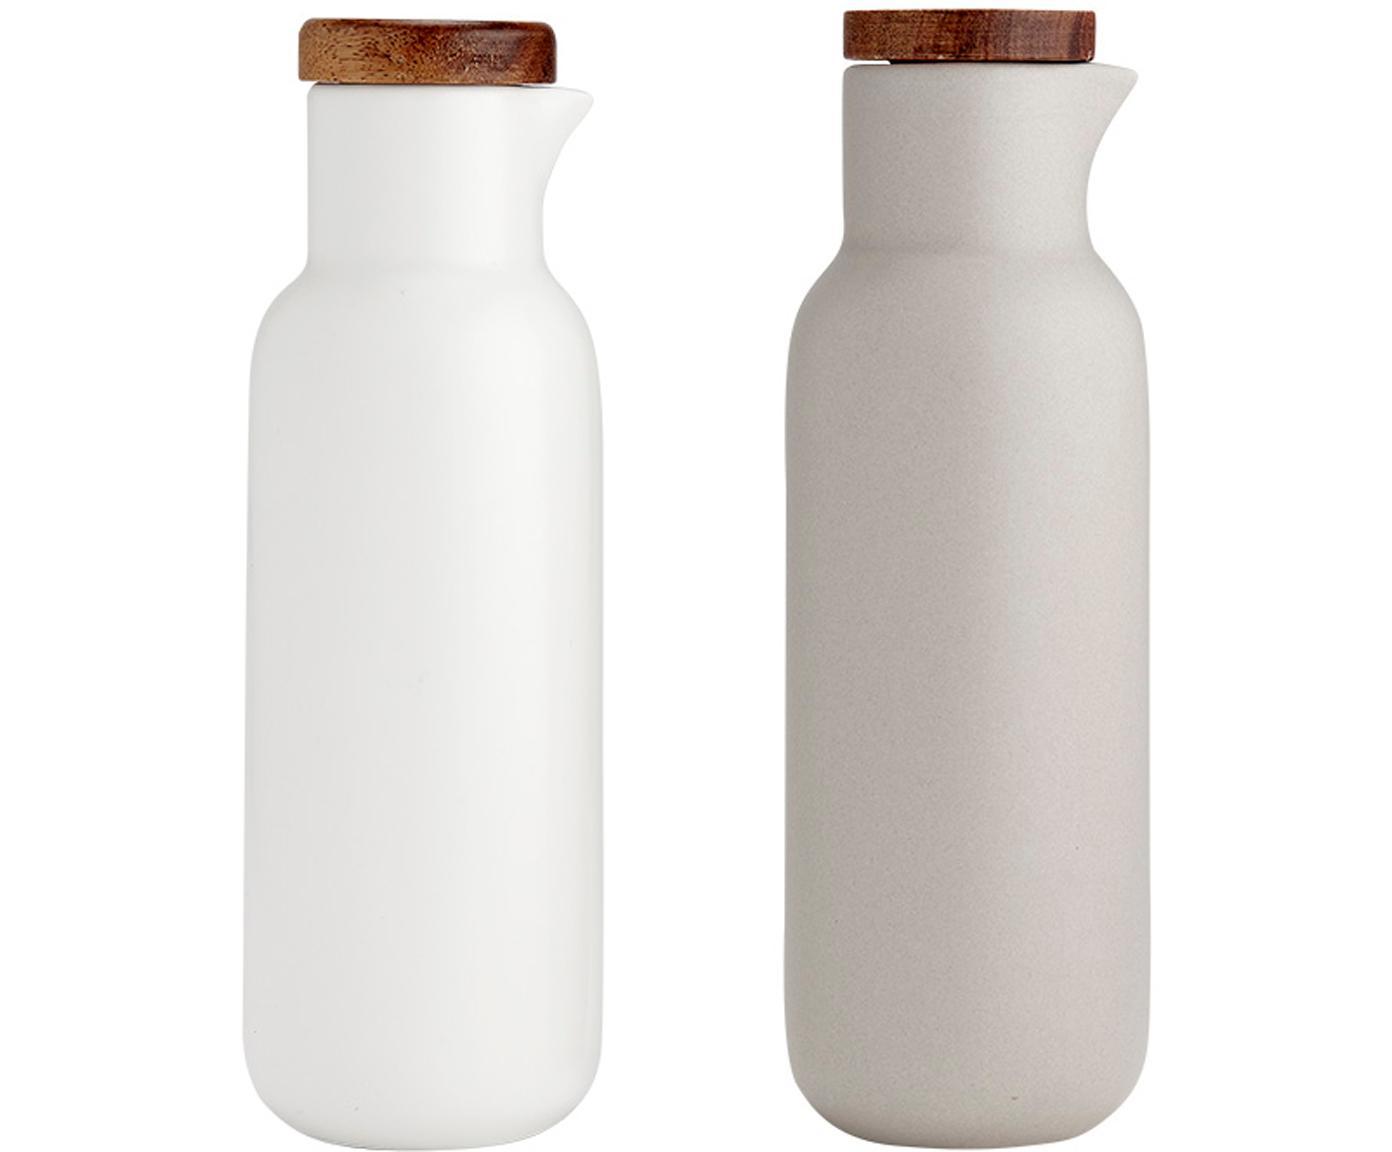 Dozownik do octu i oleju z porcelany i drewna akacjowego Villa, 2 elem., Porcelana, drewno akacjowe, Odcienie piaskowego, biały, drewno akacjowe, Ø 6 x W 18 cm